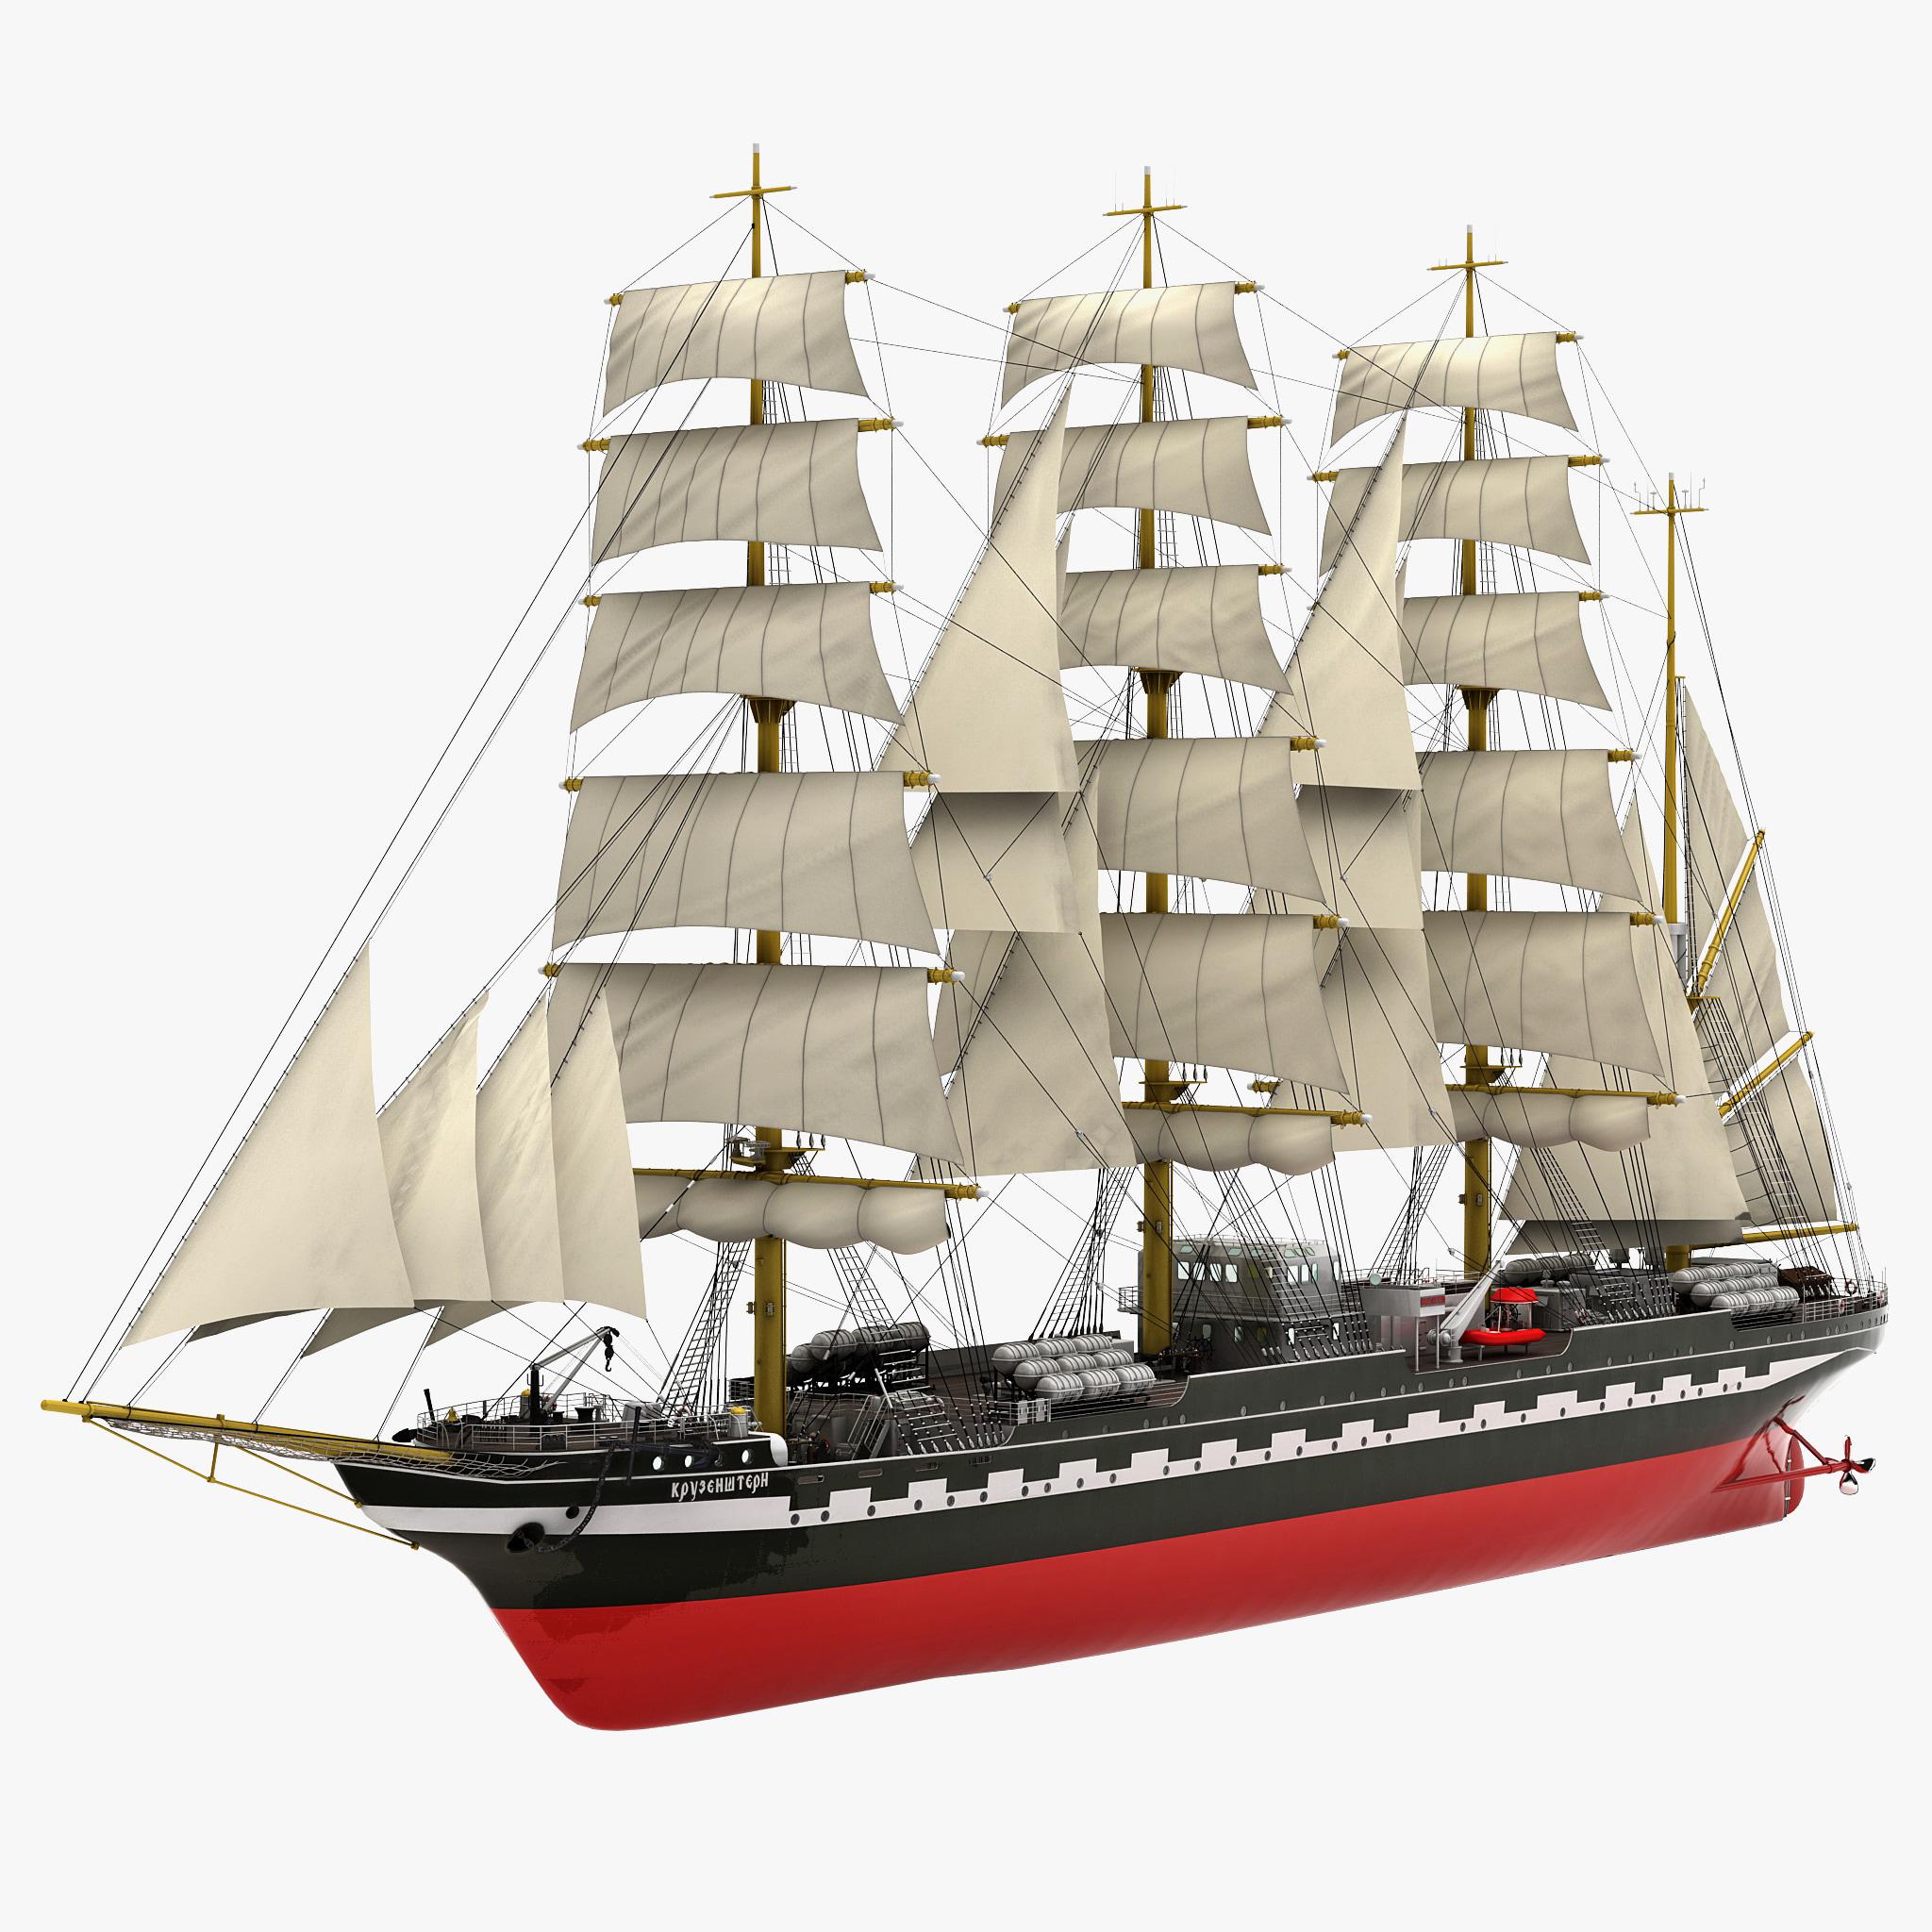 Russian Tall Ship Kruzenshtern_330.jpg